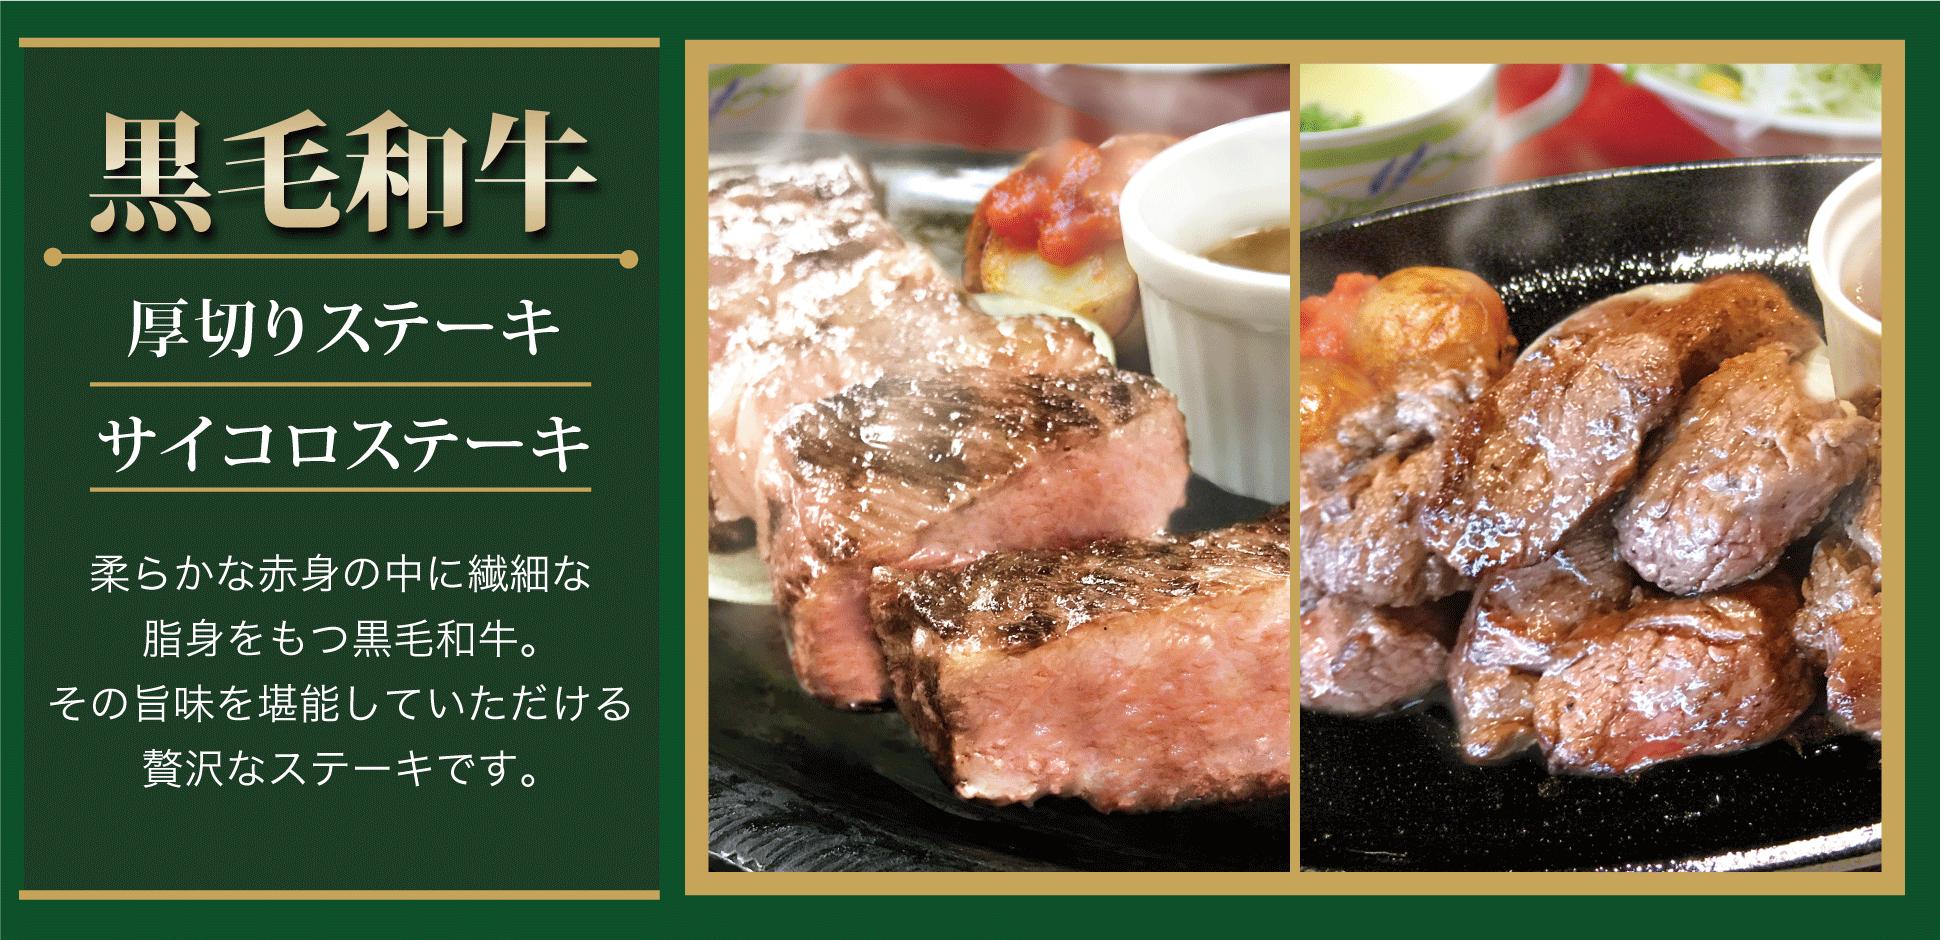 黒毛和牛厚切りステーキ